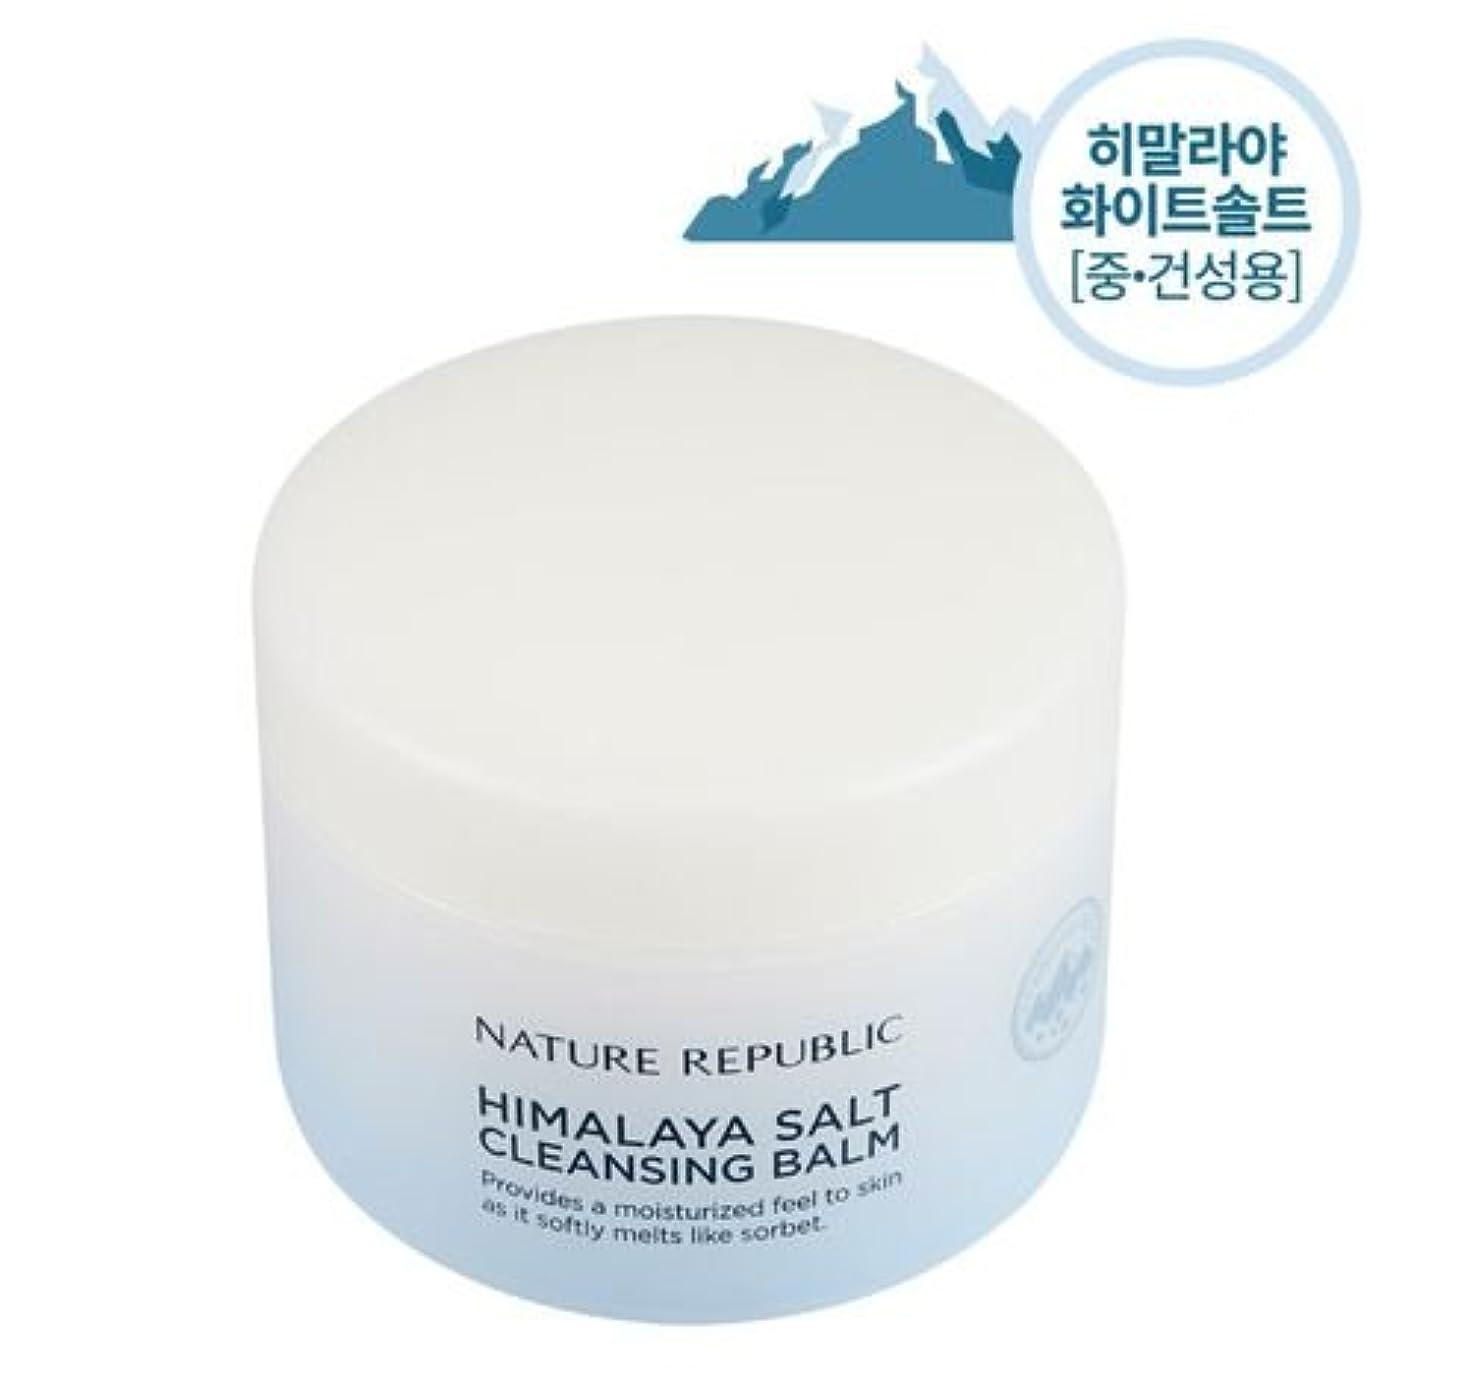 崖風景ハグNATURE REPUBLIC Himalaya salt cleansing balm (white salt)ヒマラヤソルトクレンジングバーム(white salt) [並行輸入品]